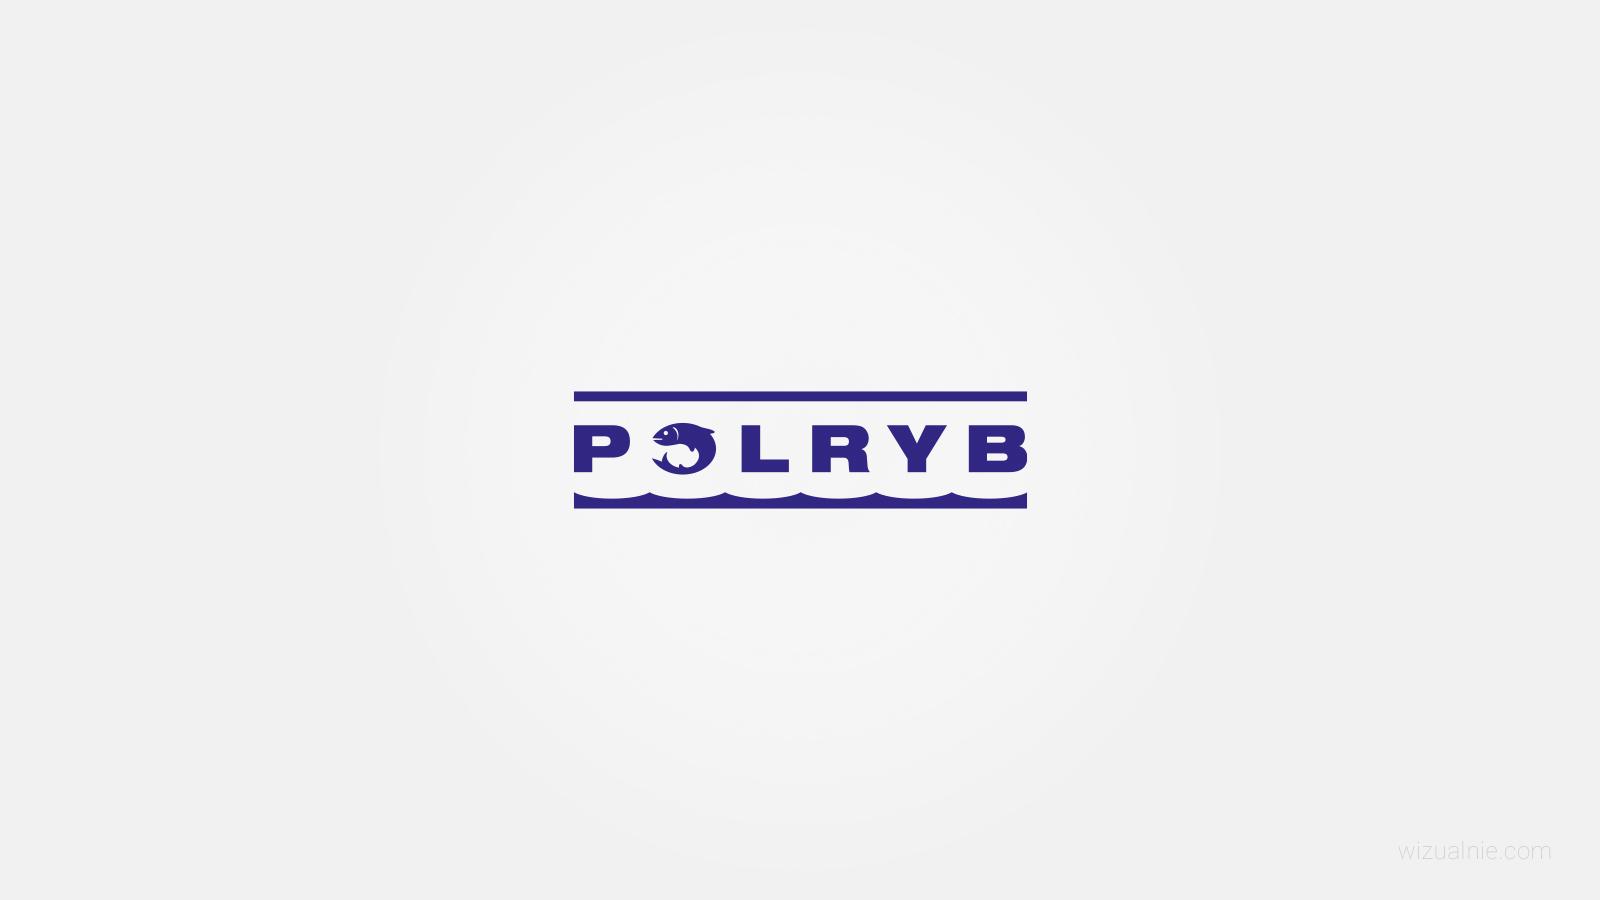 wizualnie-portfolio-polryb-logo-01-1